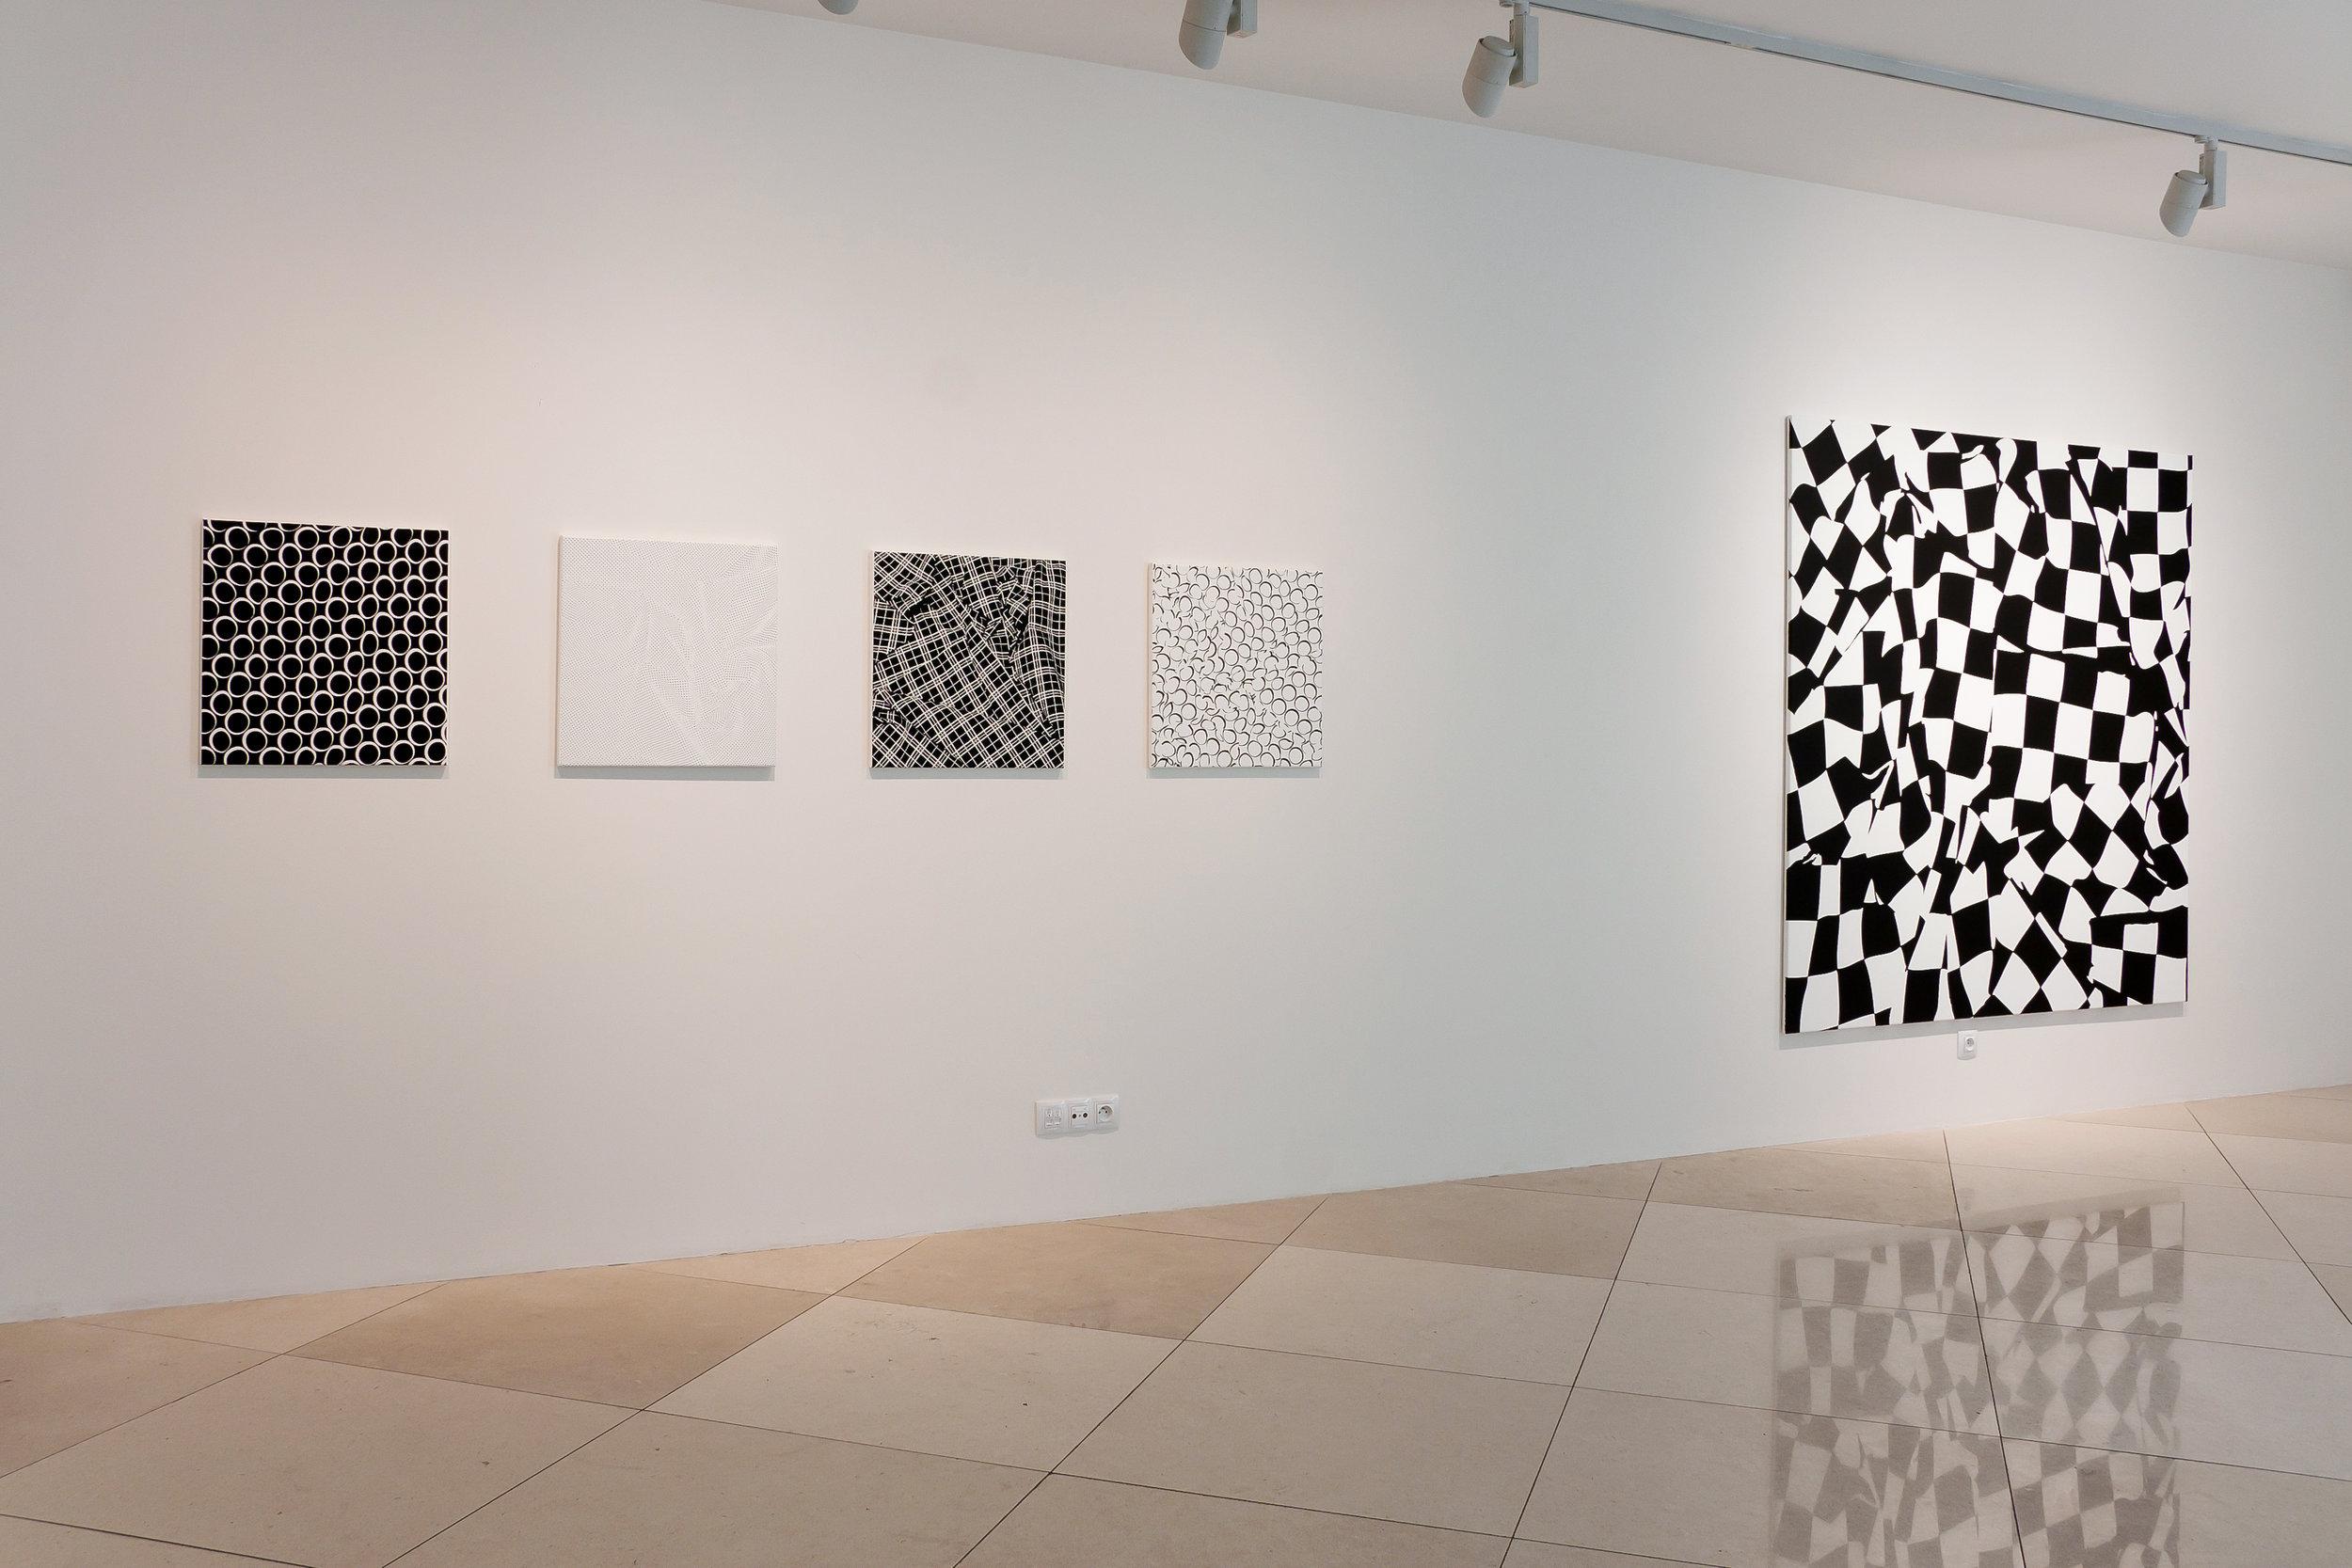 Hayek_Galerie_Zavodny4.jpg